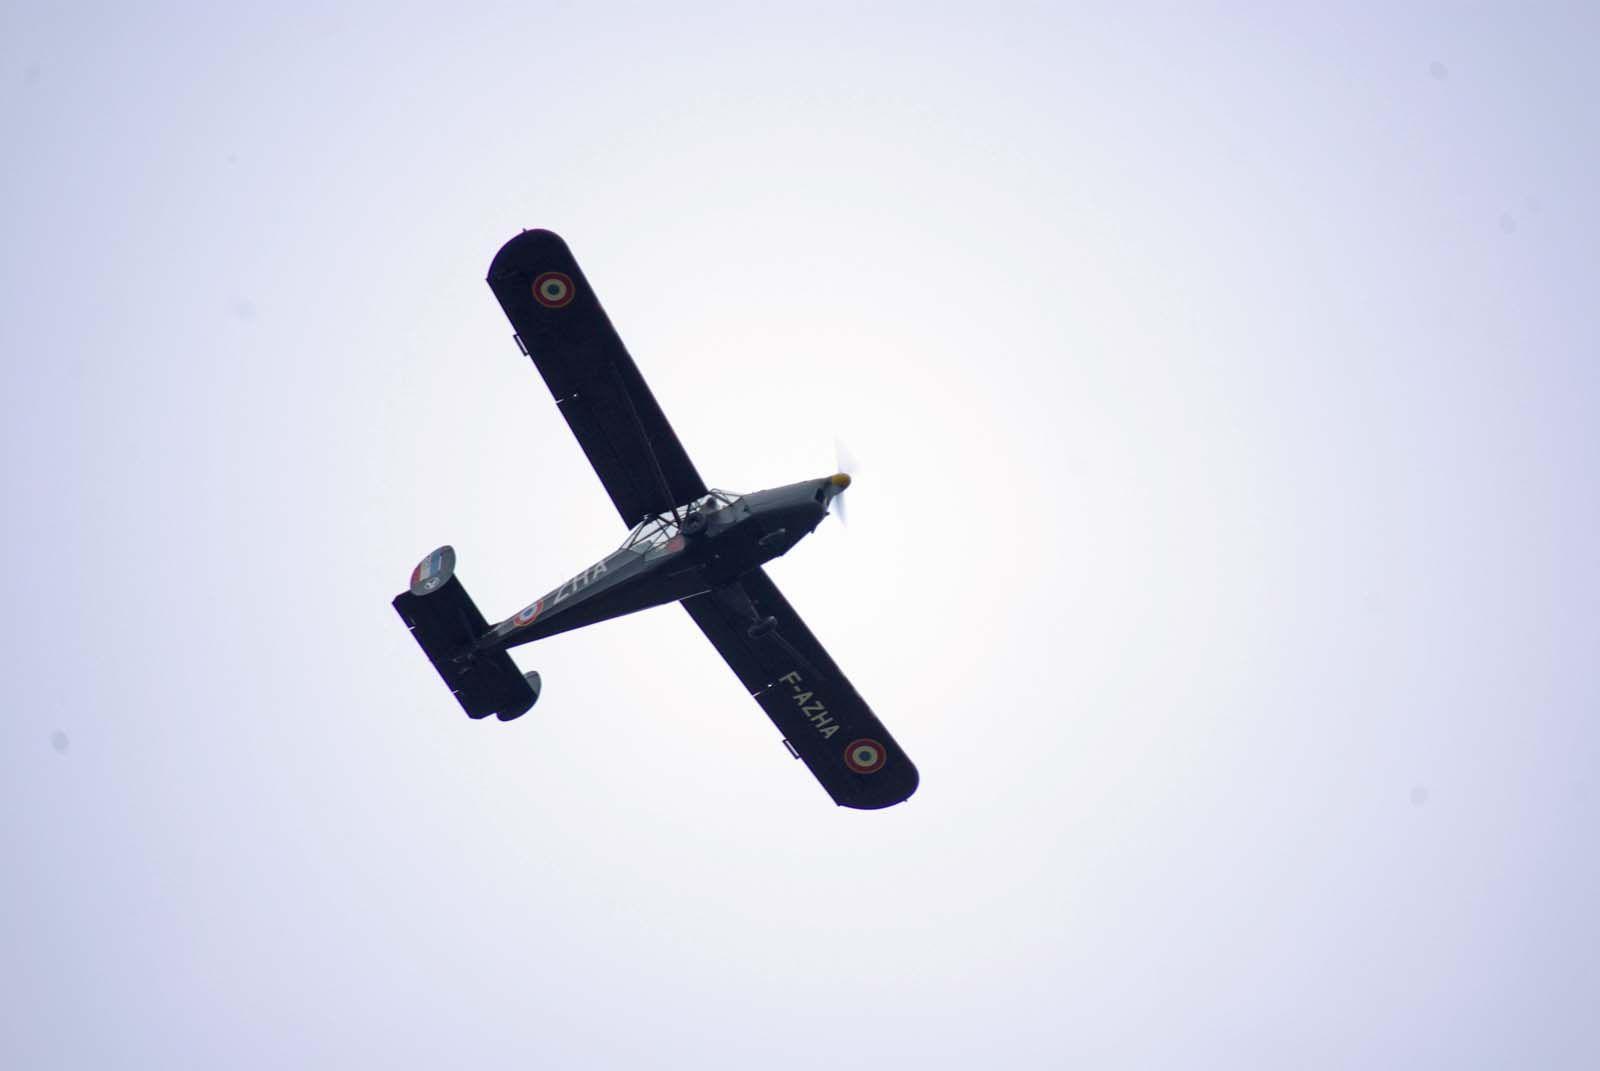 Voici une machine que l'on a pas l'habitude de voir voler car, peut être aujourd'hui, le seul en état de voler.